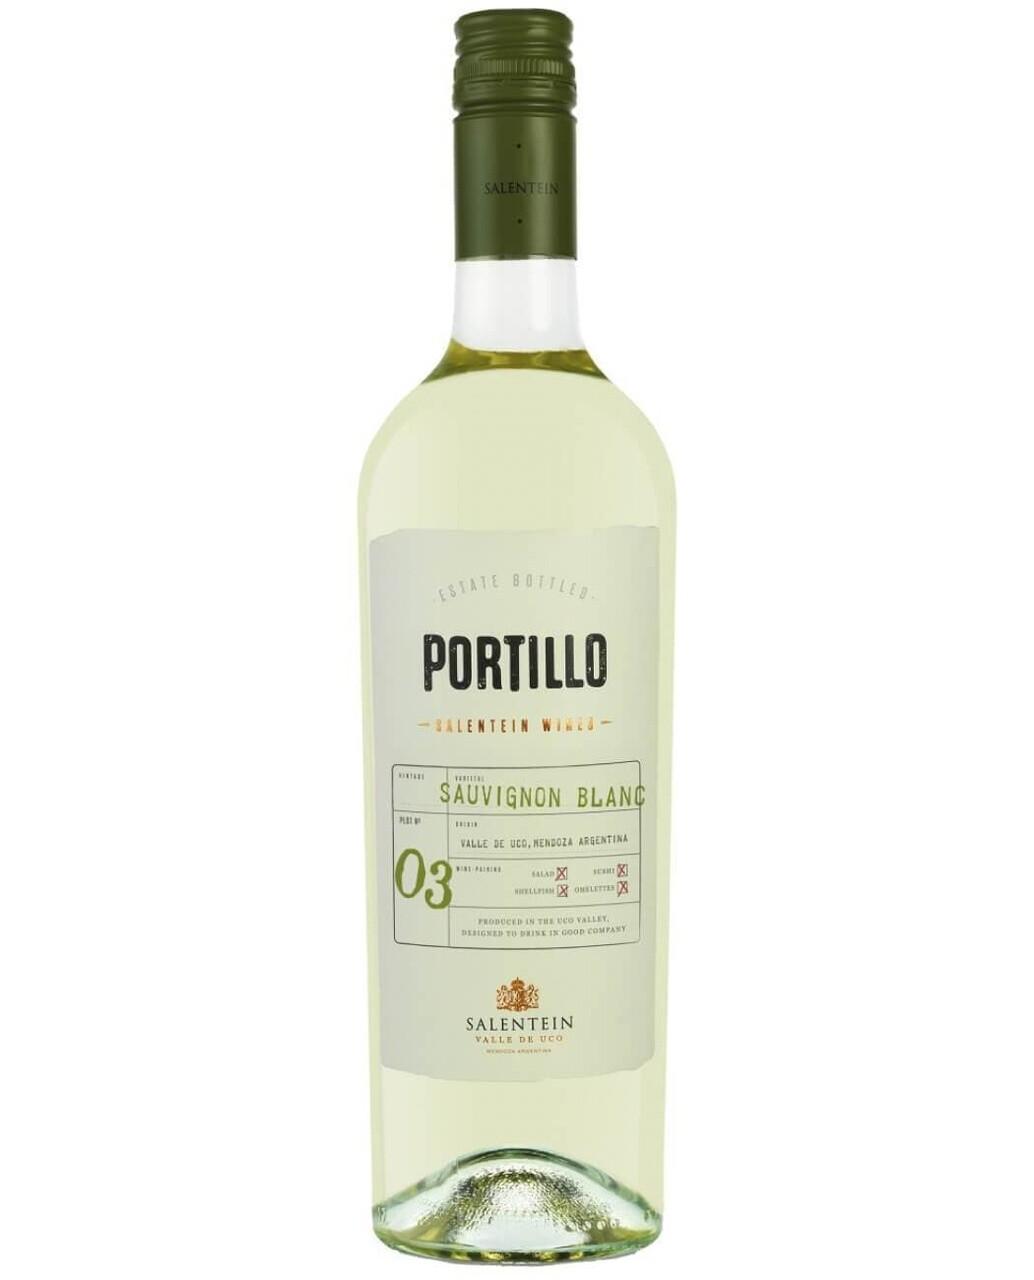 Salentein Portillo Sauvignon Blanc